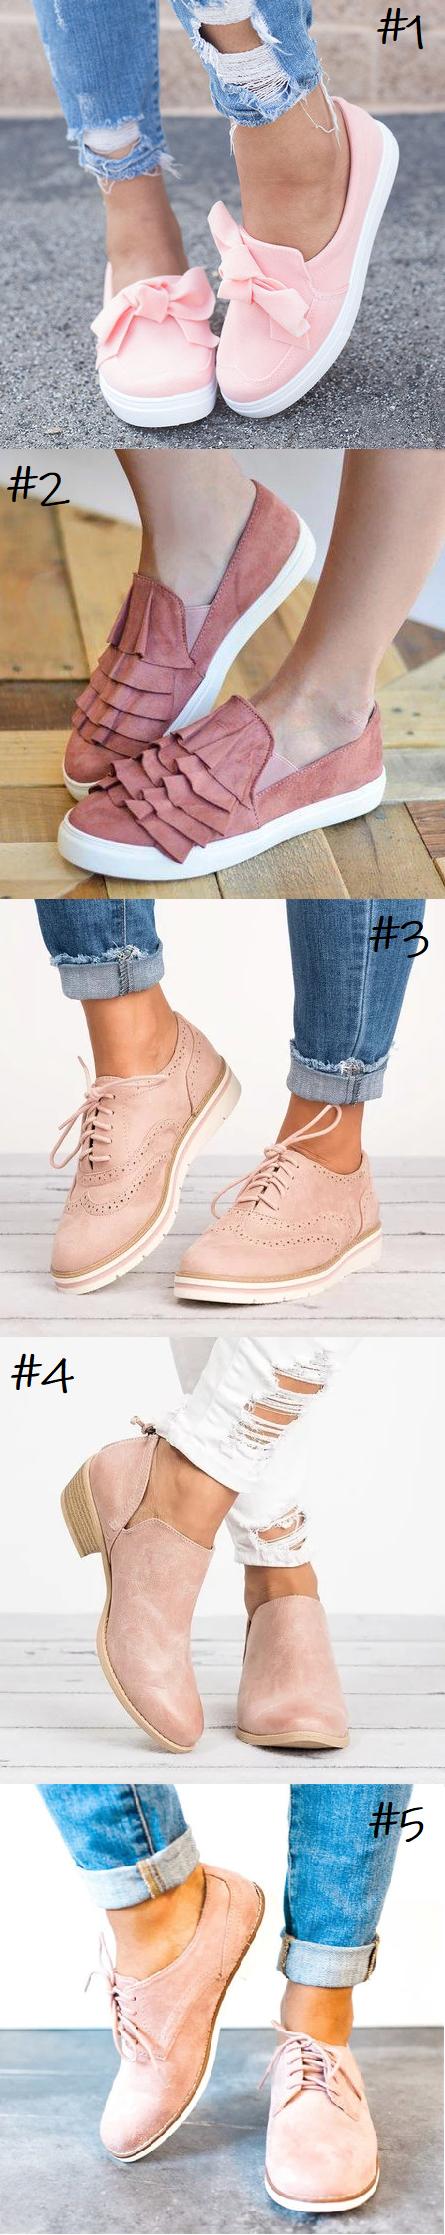 Pin de Letícia De Paula em Style | Botas, Sapatos e Sapatos